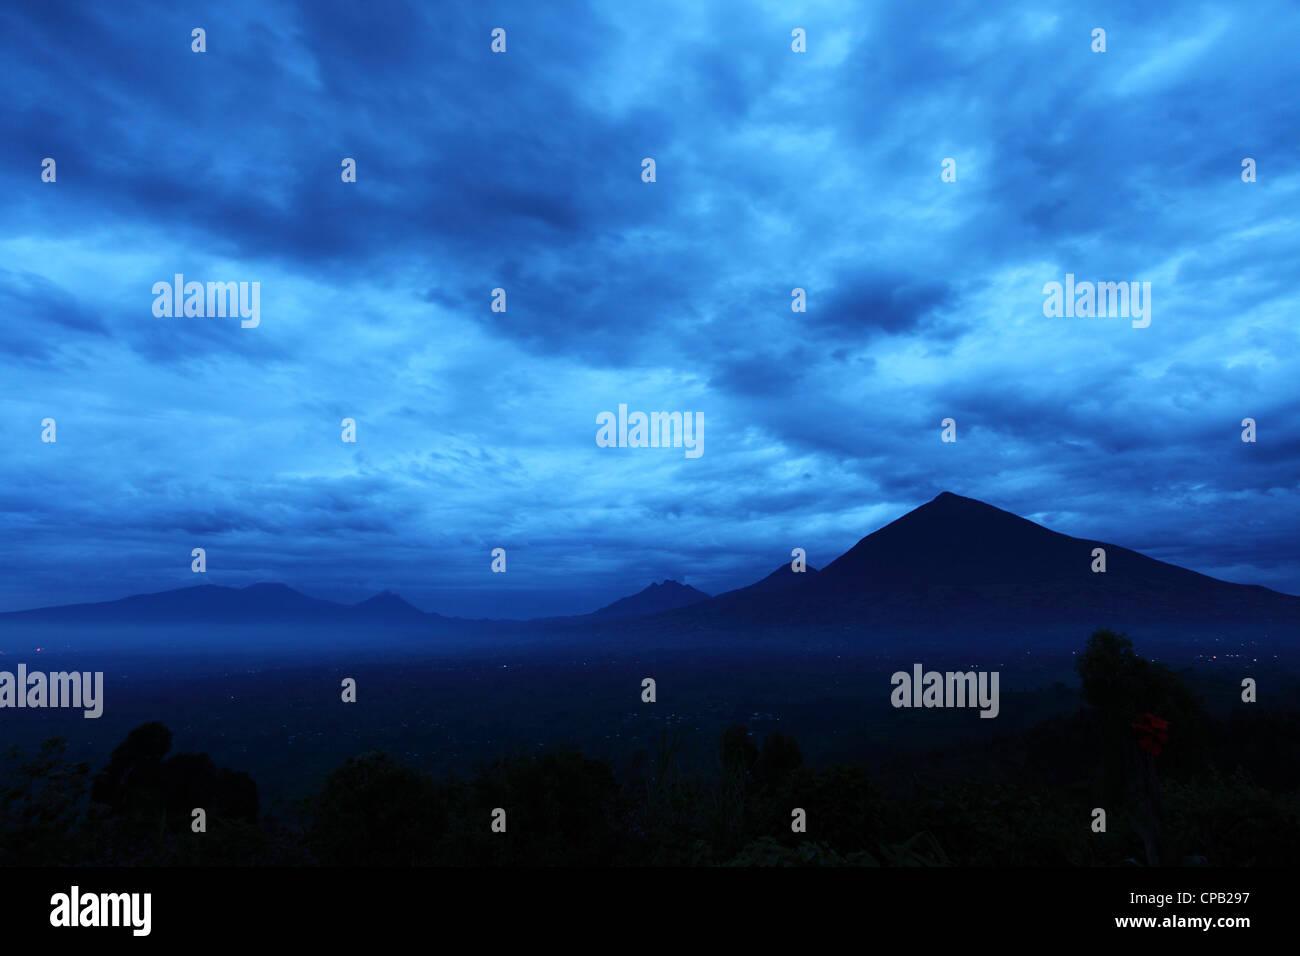 The Virunga Mountain Range in the Volcanoes National Park, Rwanda. - Stock Image